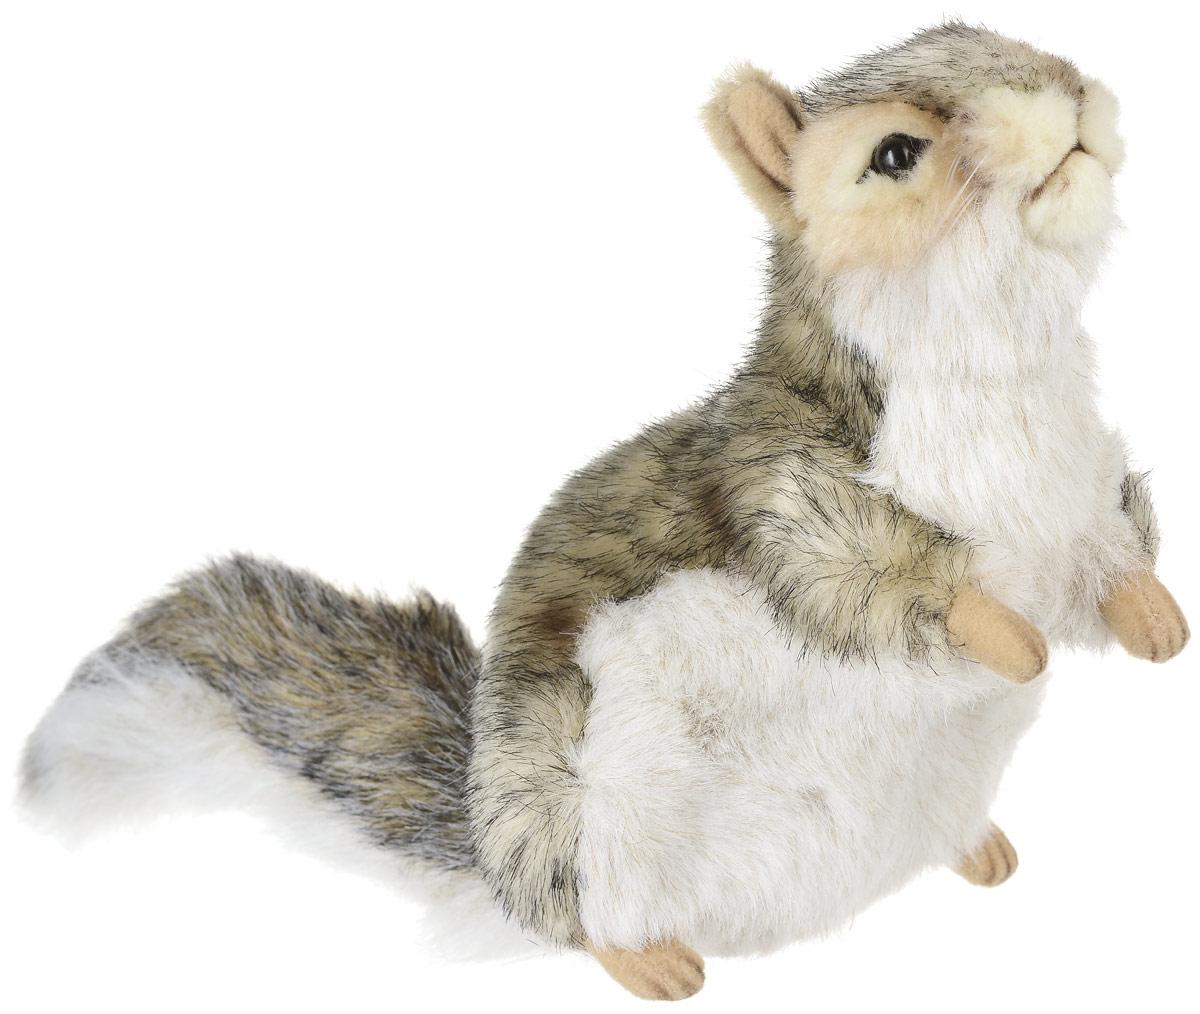 Hansa Toys Мягкая игрушка Белка 18 см5676Белки - род грызунов семейства беличьих. Варьируются в размерах от карликовых белок из Африки, длина которых около 13 см, до гигантских белок Южной Азии, размером около 90 см. У белки удлиненное тело с пушистым длинным хвостом, уши длинные, с кисточками, цвет темно-бурый с белым брюшком, иногда серый. Обитают повсюду, кроме Австралии. Живет белка преимущественно на деревьях, питание в основном овощи (особенно орехи, семечки). В помете 3-5 детенышей. Мягкая игрушка Hansa Toys Белка обязательно понравится вам и вашему малышу, а также познакомит вас с этим животным.